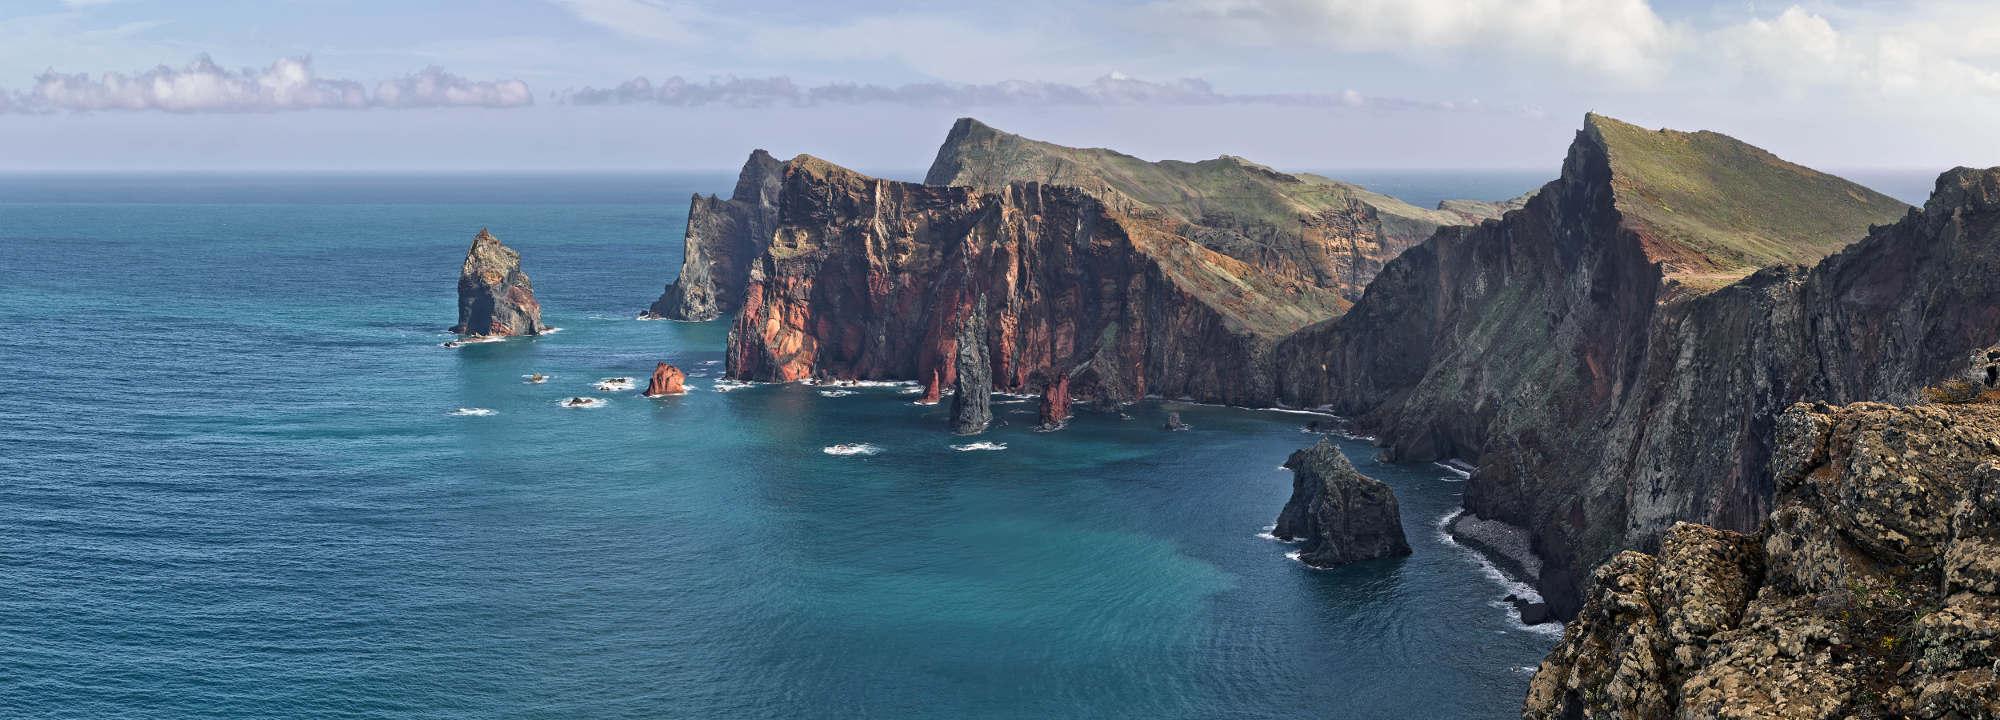 Ilha da Madeira - Ponta de Sao Lourenço